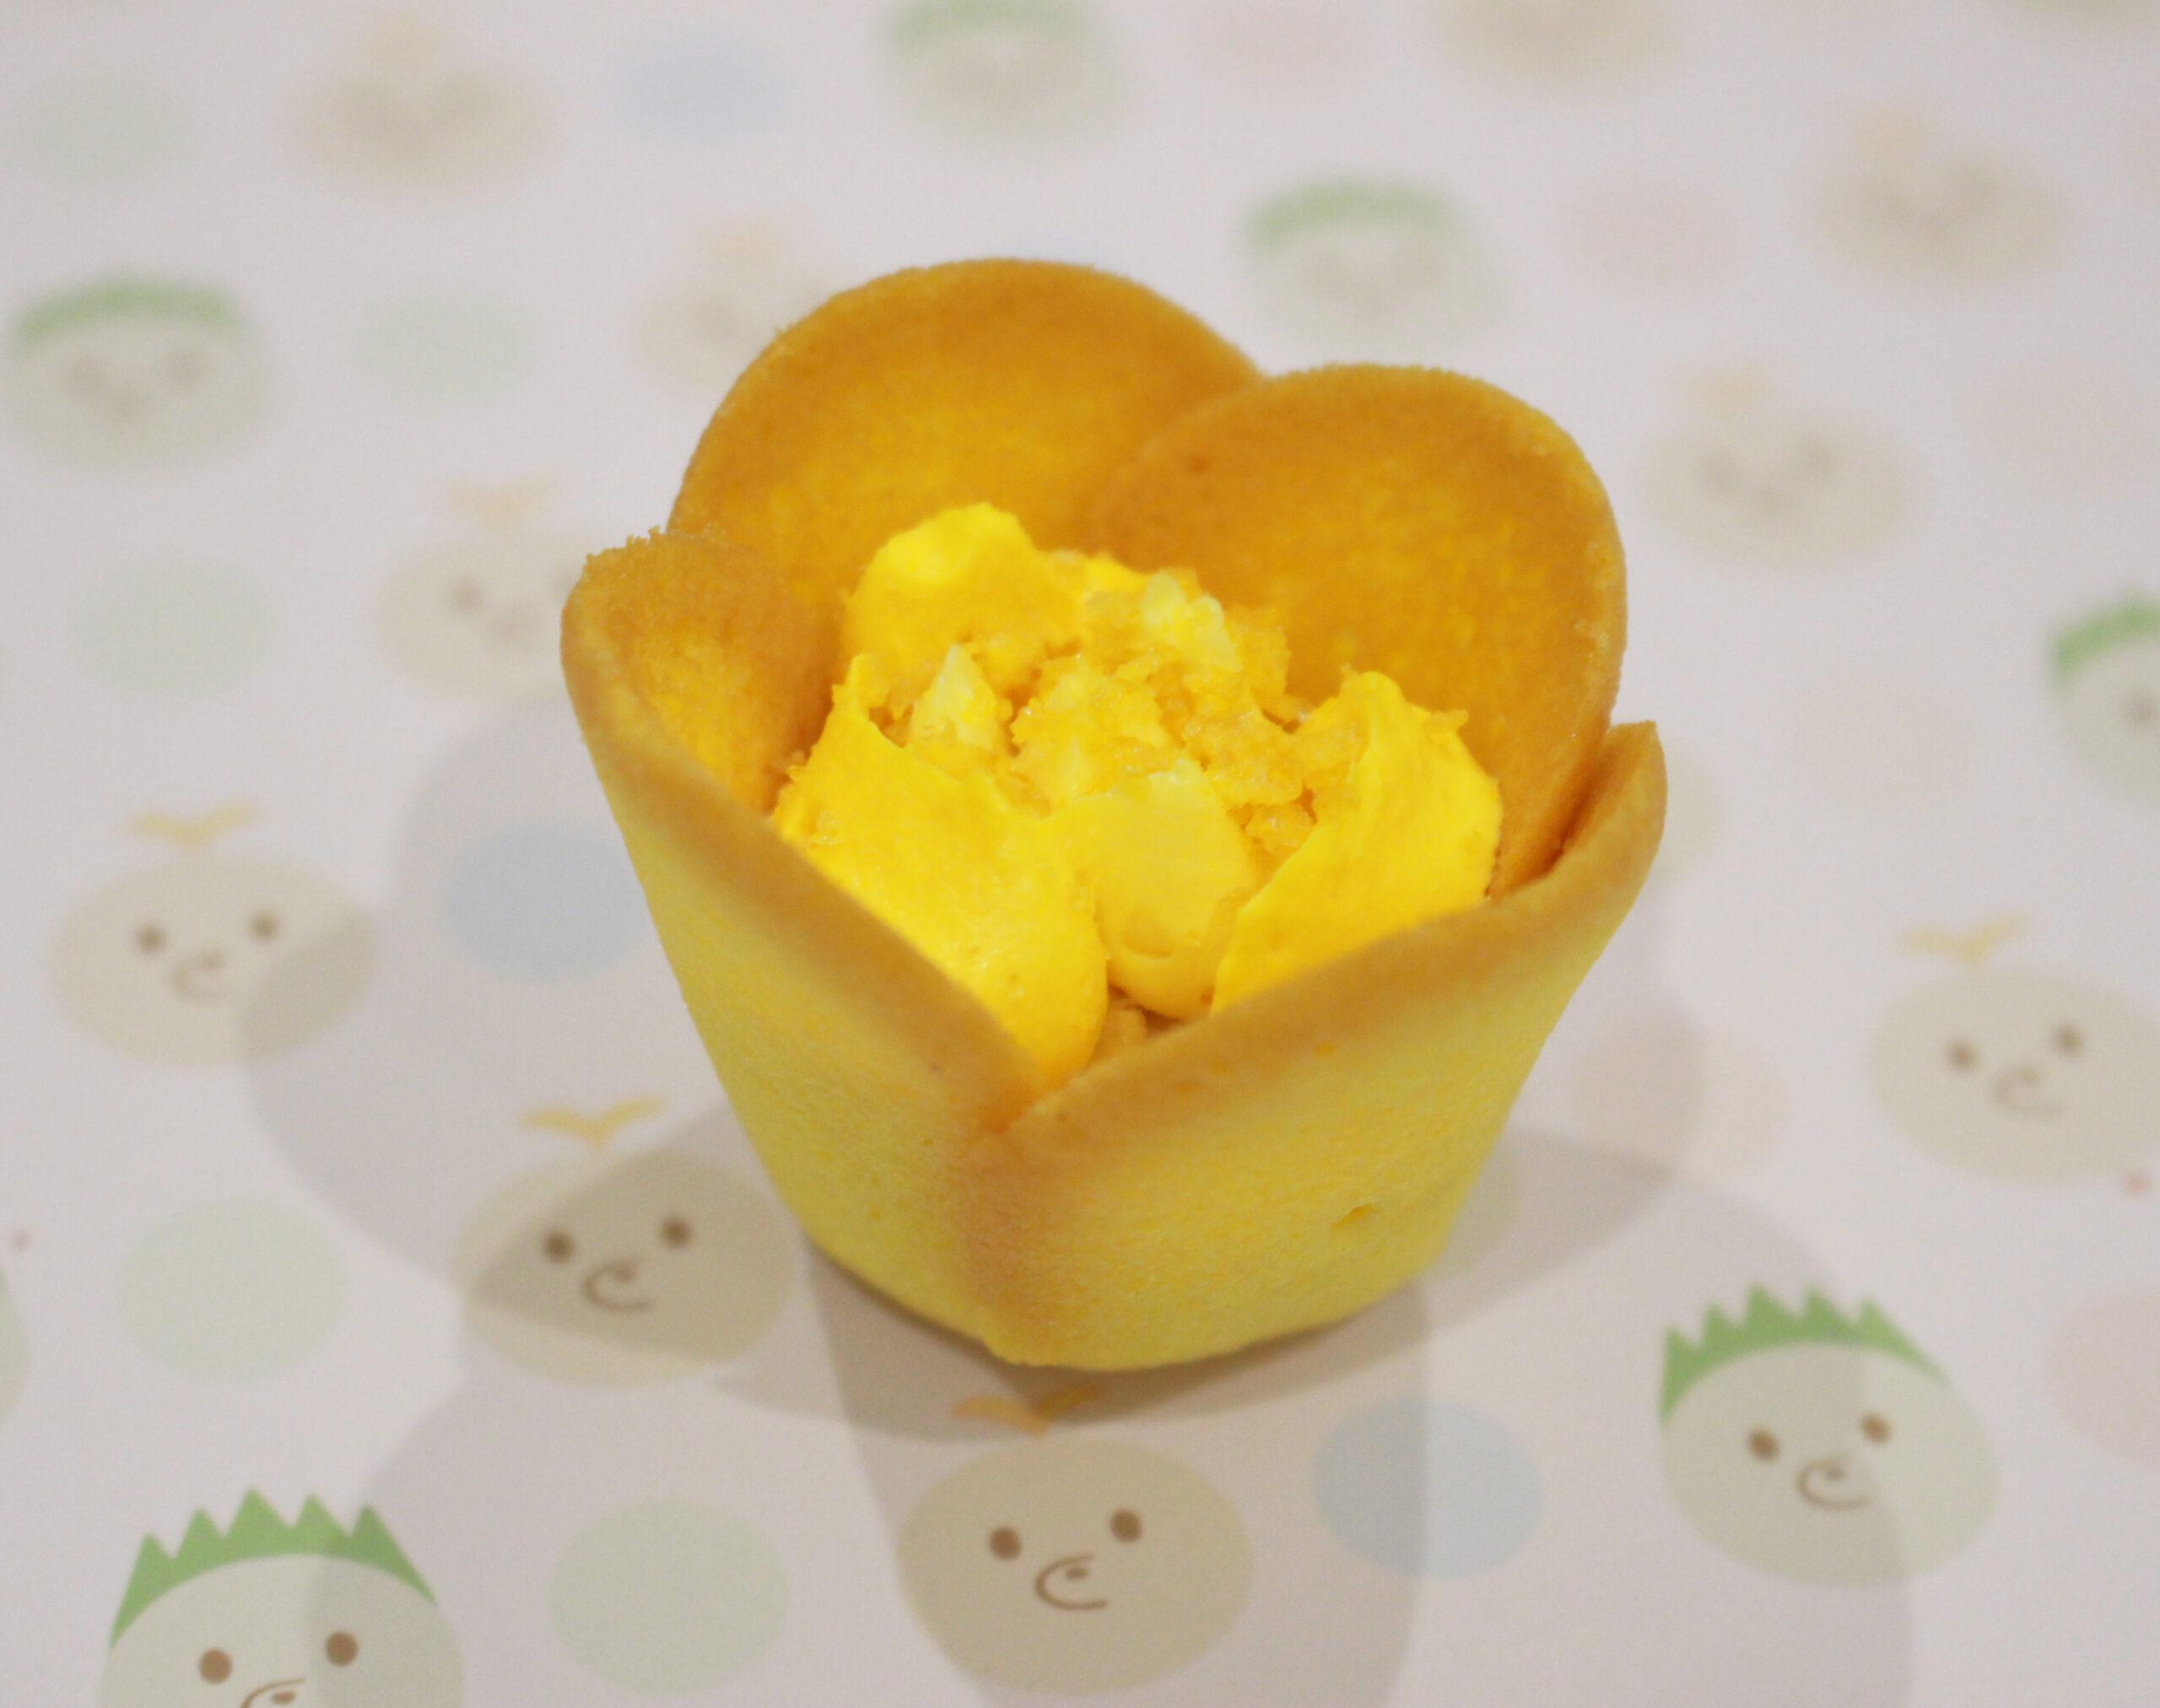 tuliprose Passion mango